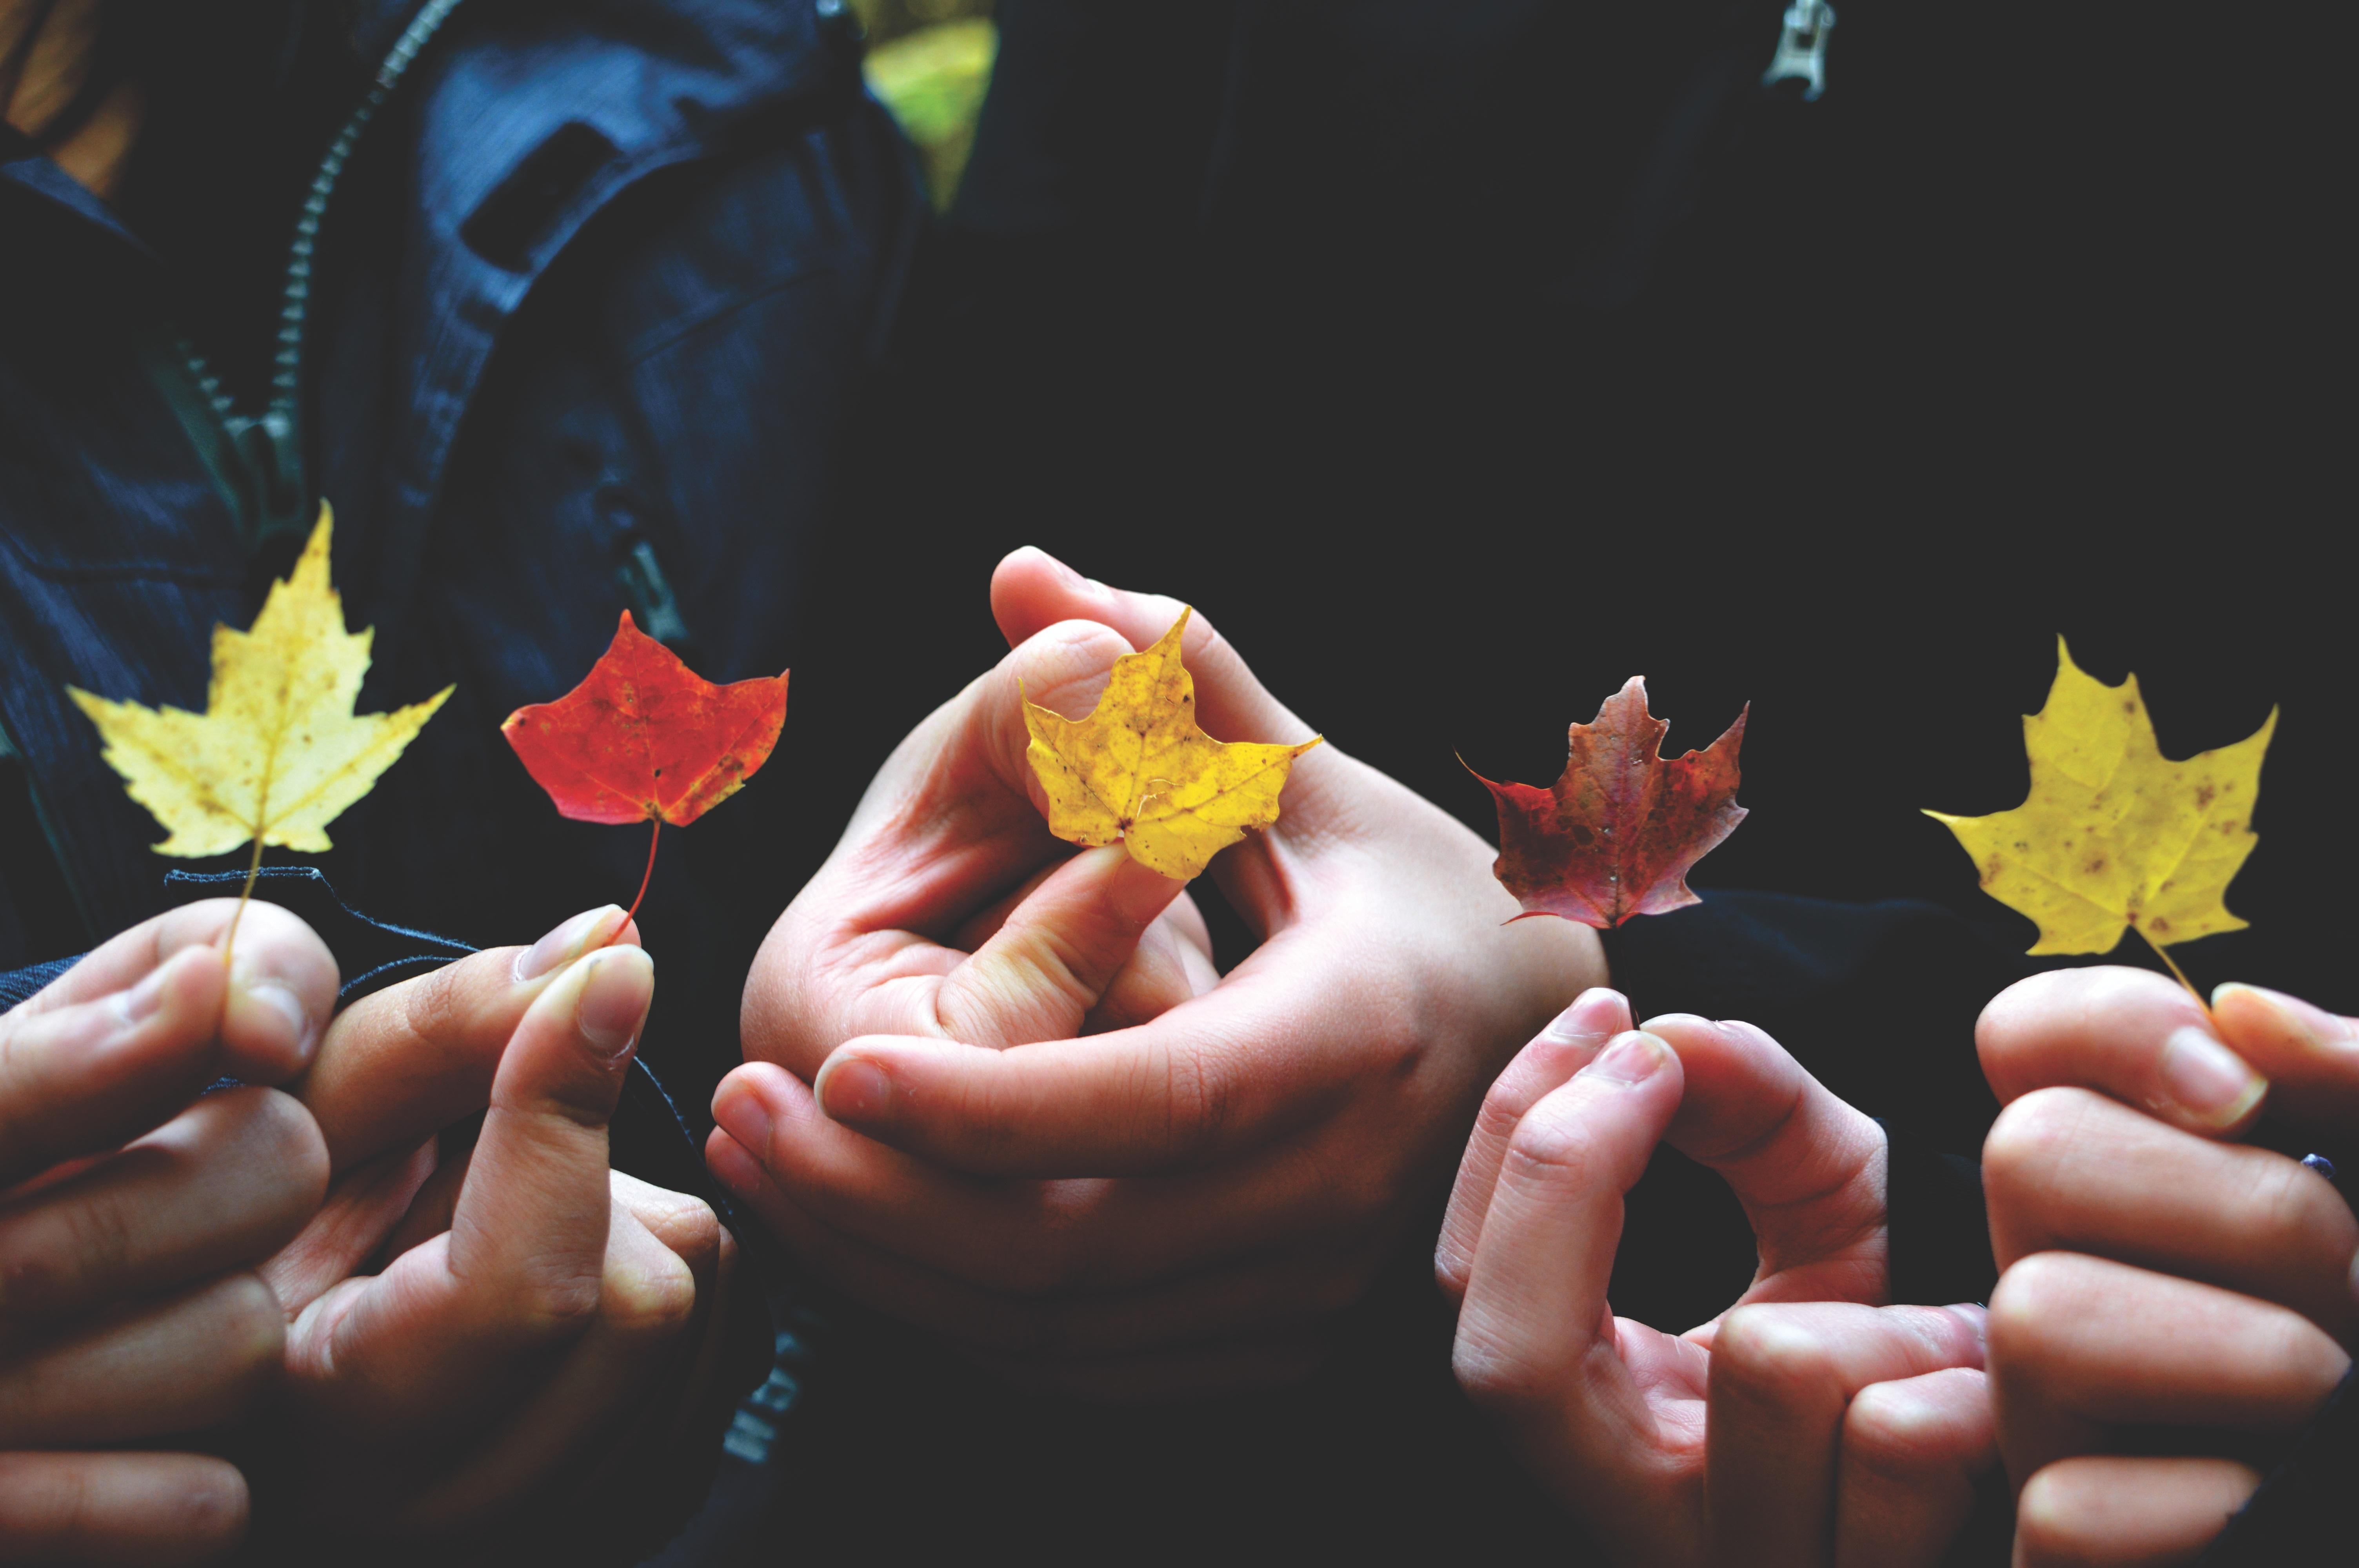 Gambar Tangan Kelompok Daun Jatuh Bunga Musim Gugur Leafe